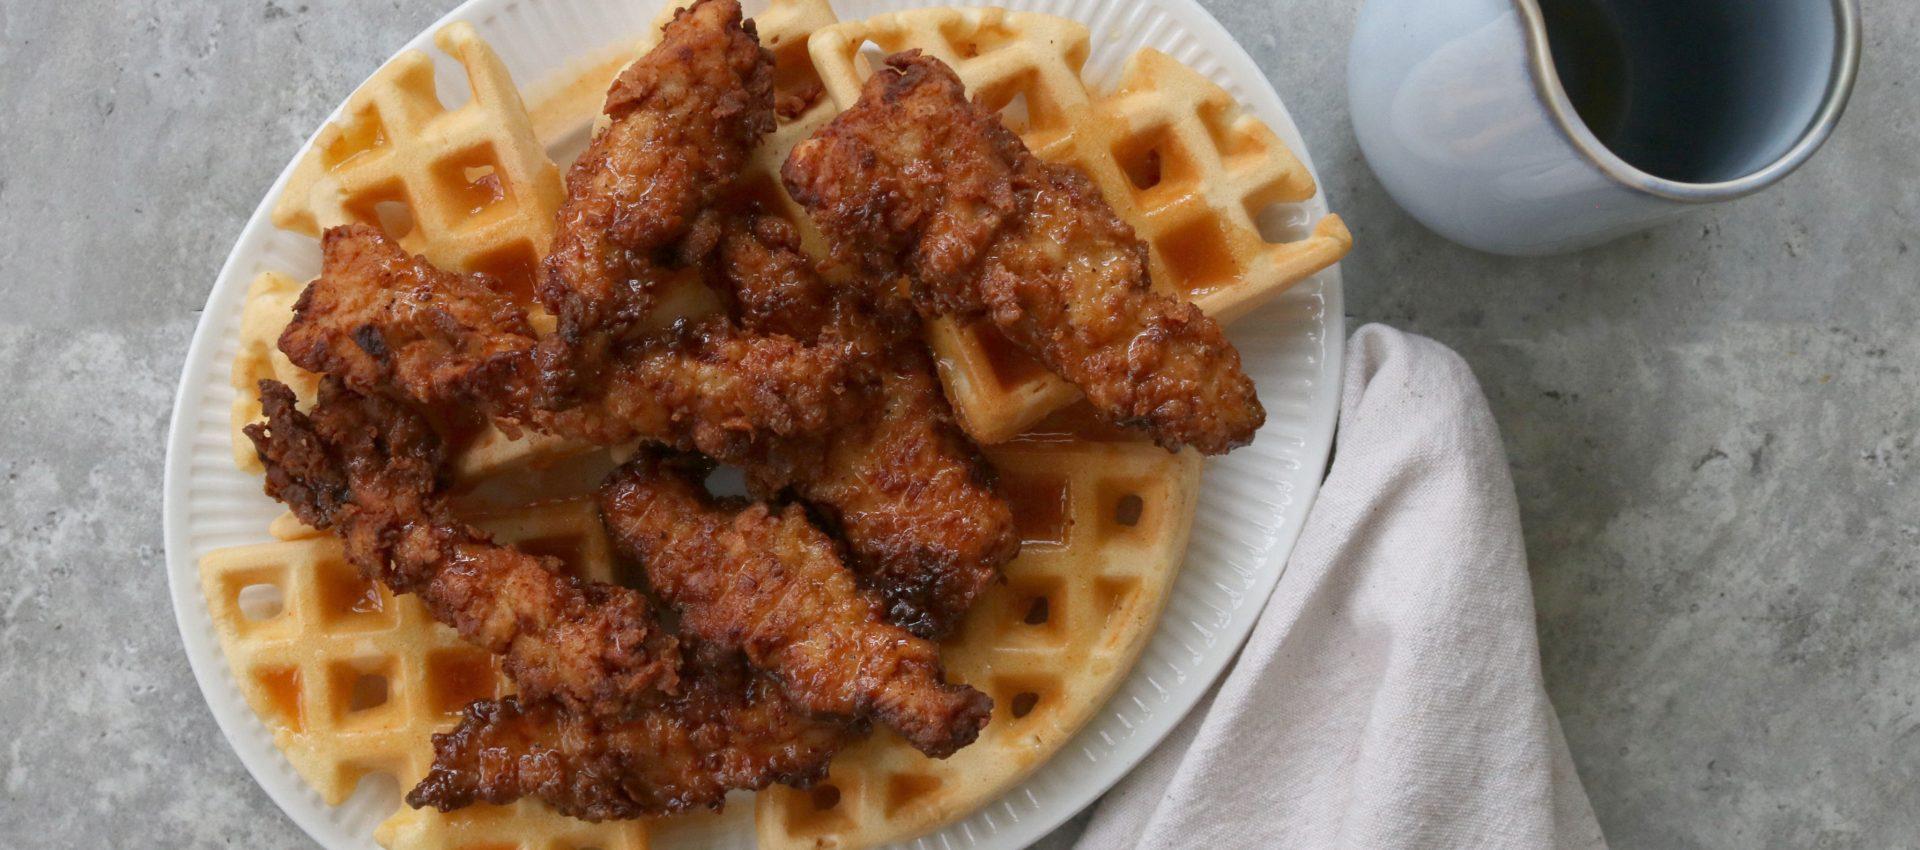 Fried Turkey & Waffles